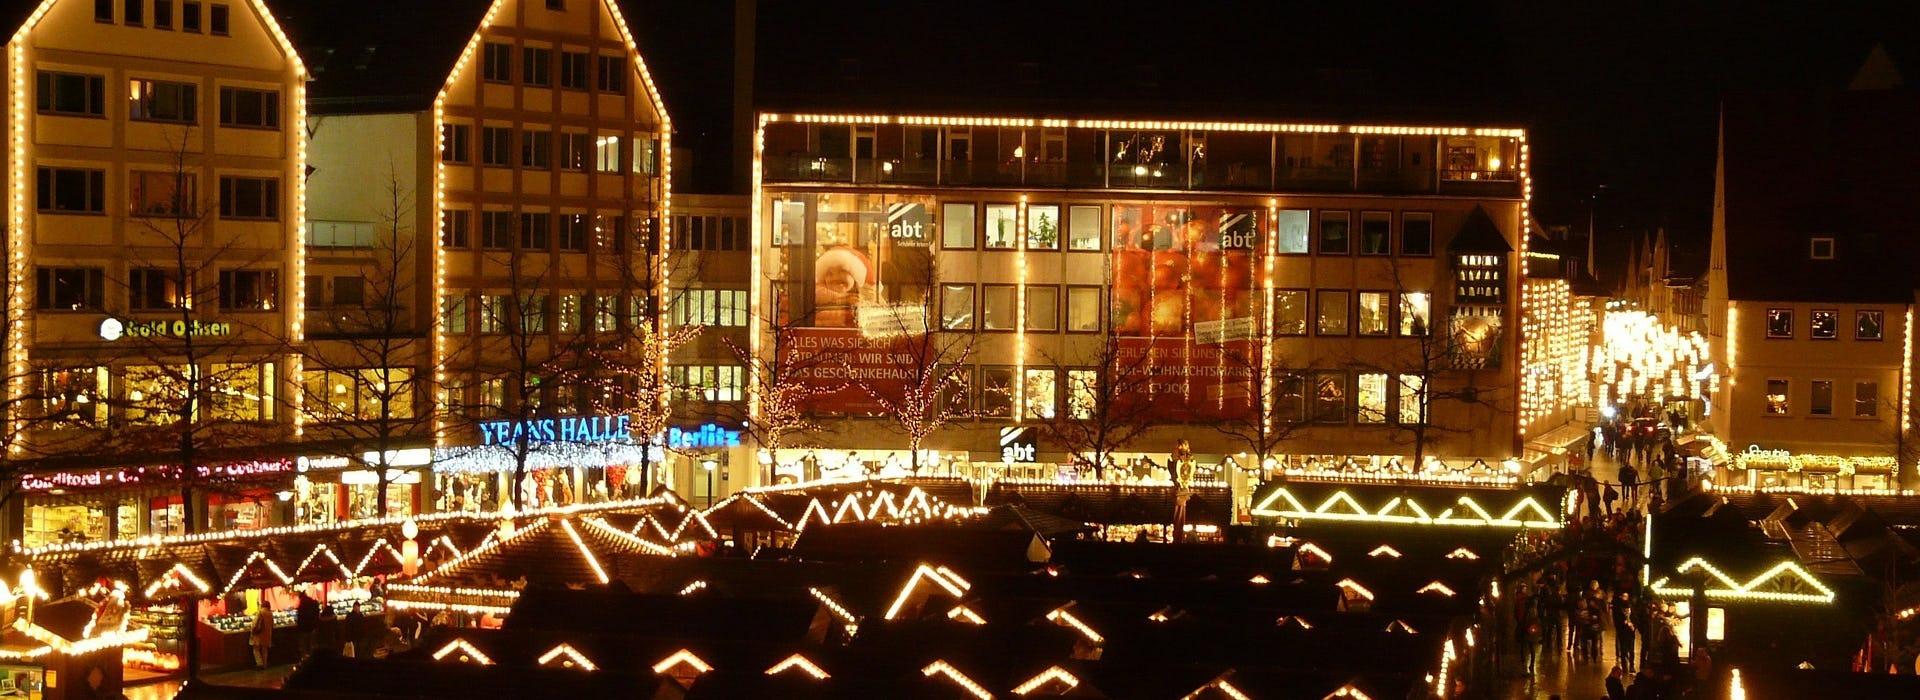 Ulm Weihnachtsmarkt Ramsauer Carreisen